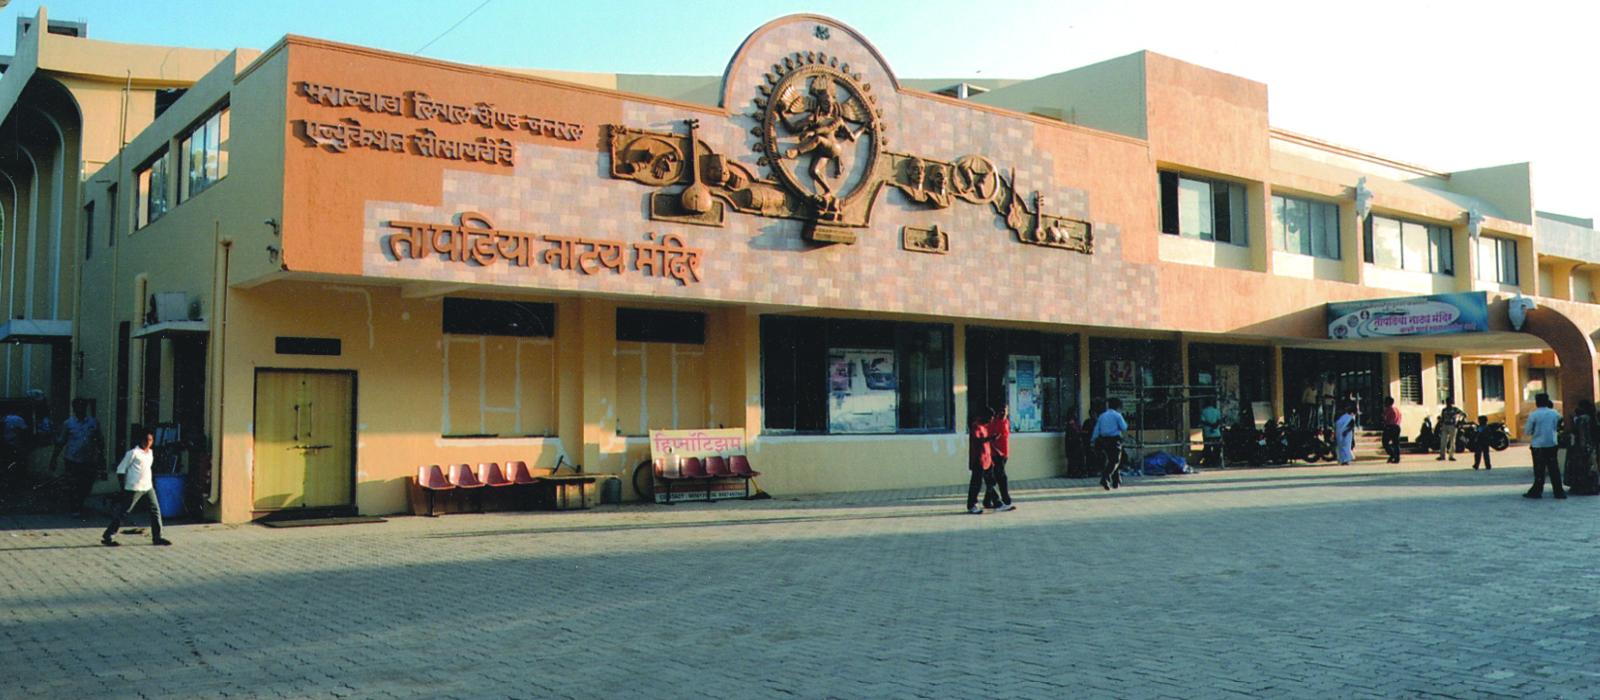 Dr. Sow. Indirabai Bhaskarrao Pathak Mahila Mahavidyalaya, Aurangabad